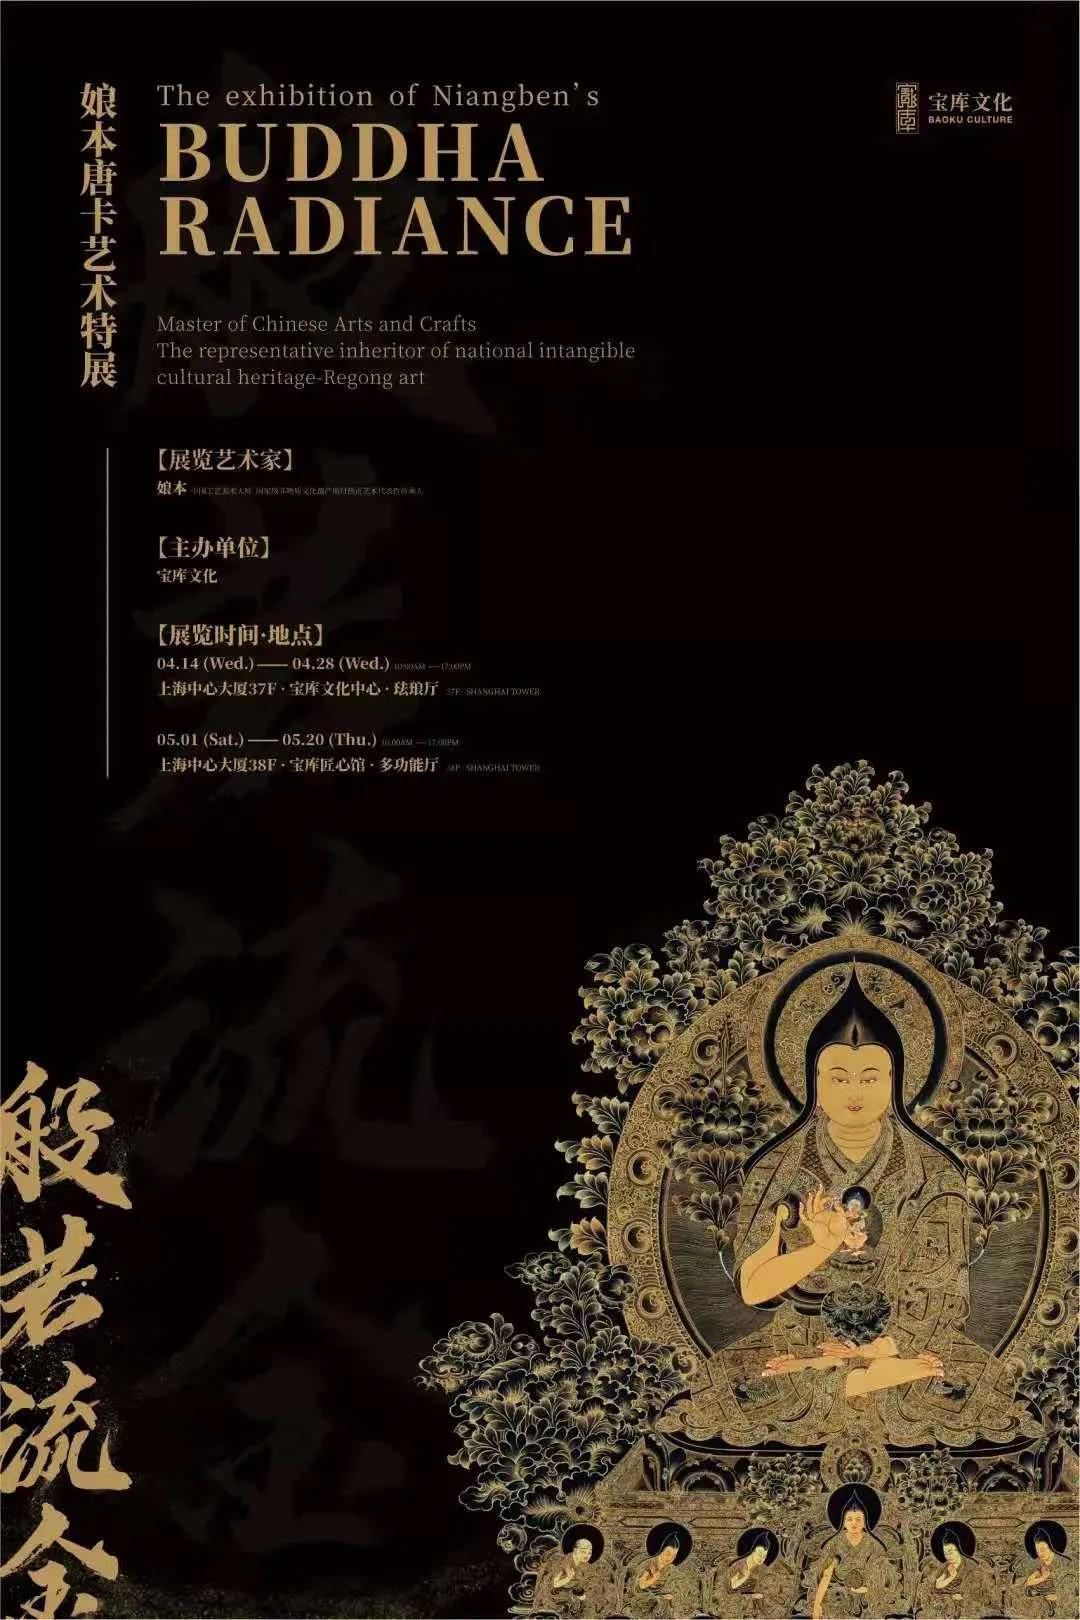 上海娘本唐卡艺术特展